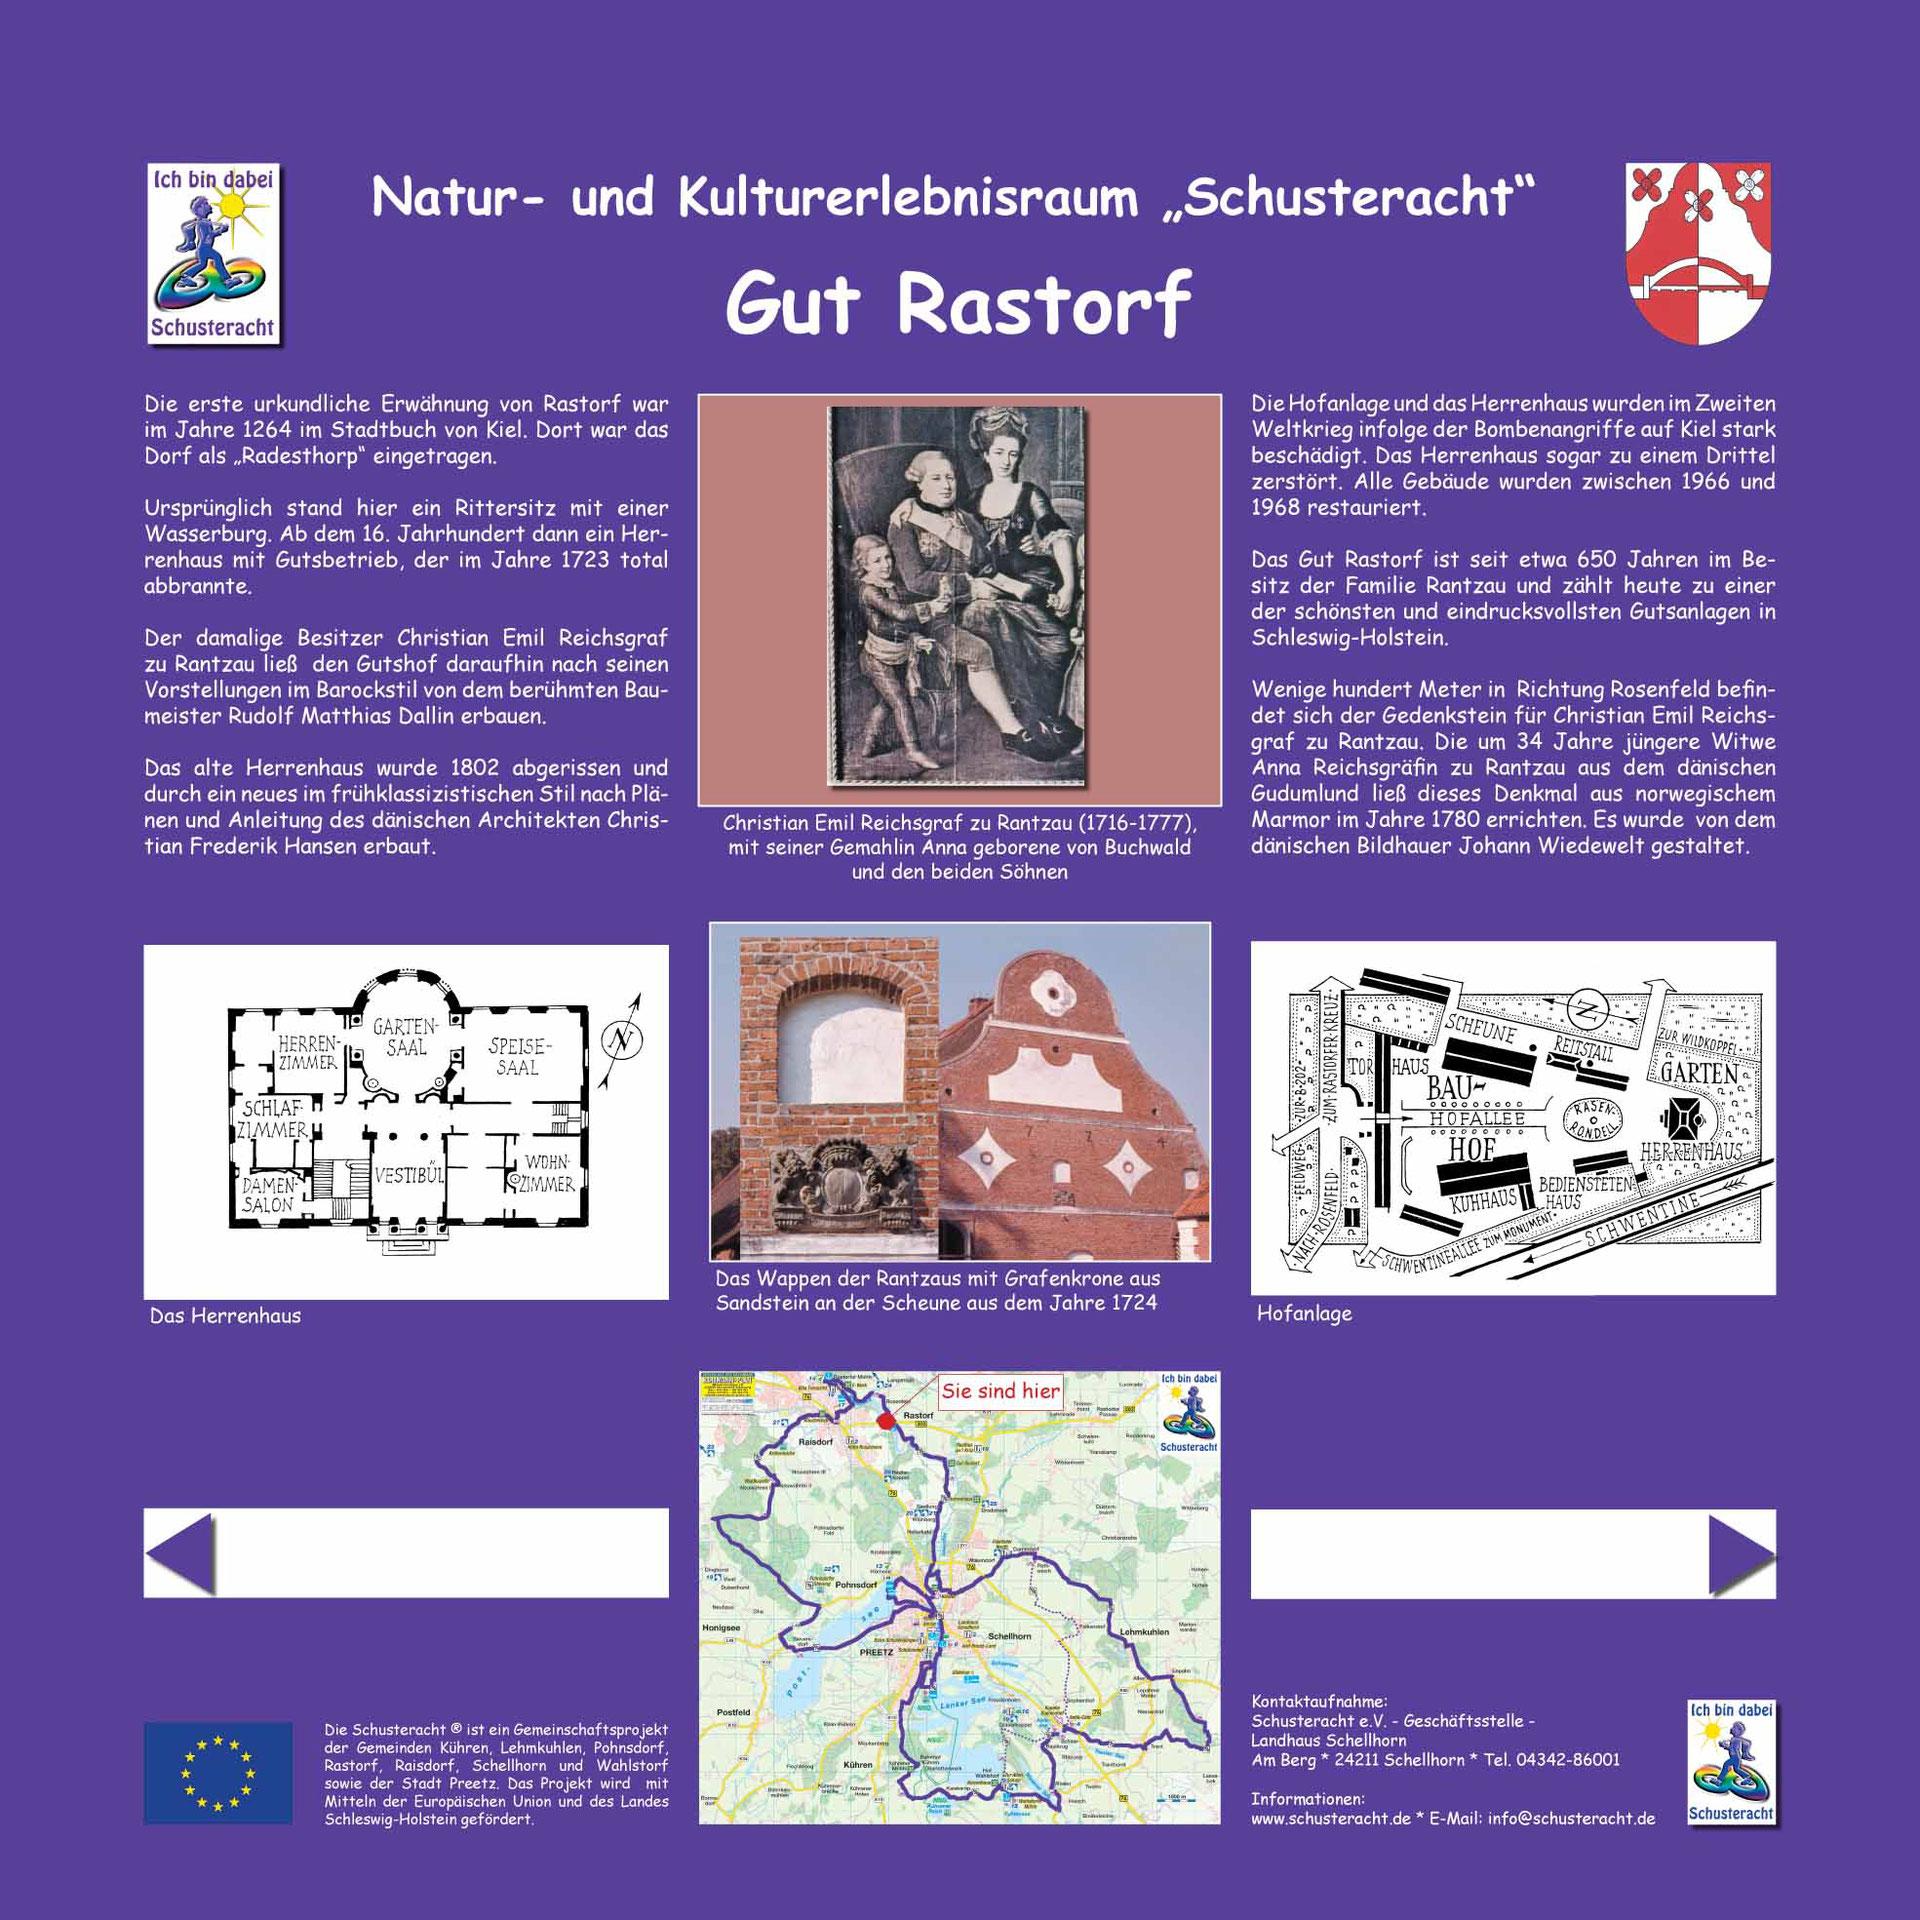 Bekannt Gut Rastorf - Schusteracht Preetz LQ36